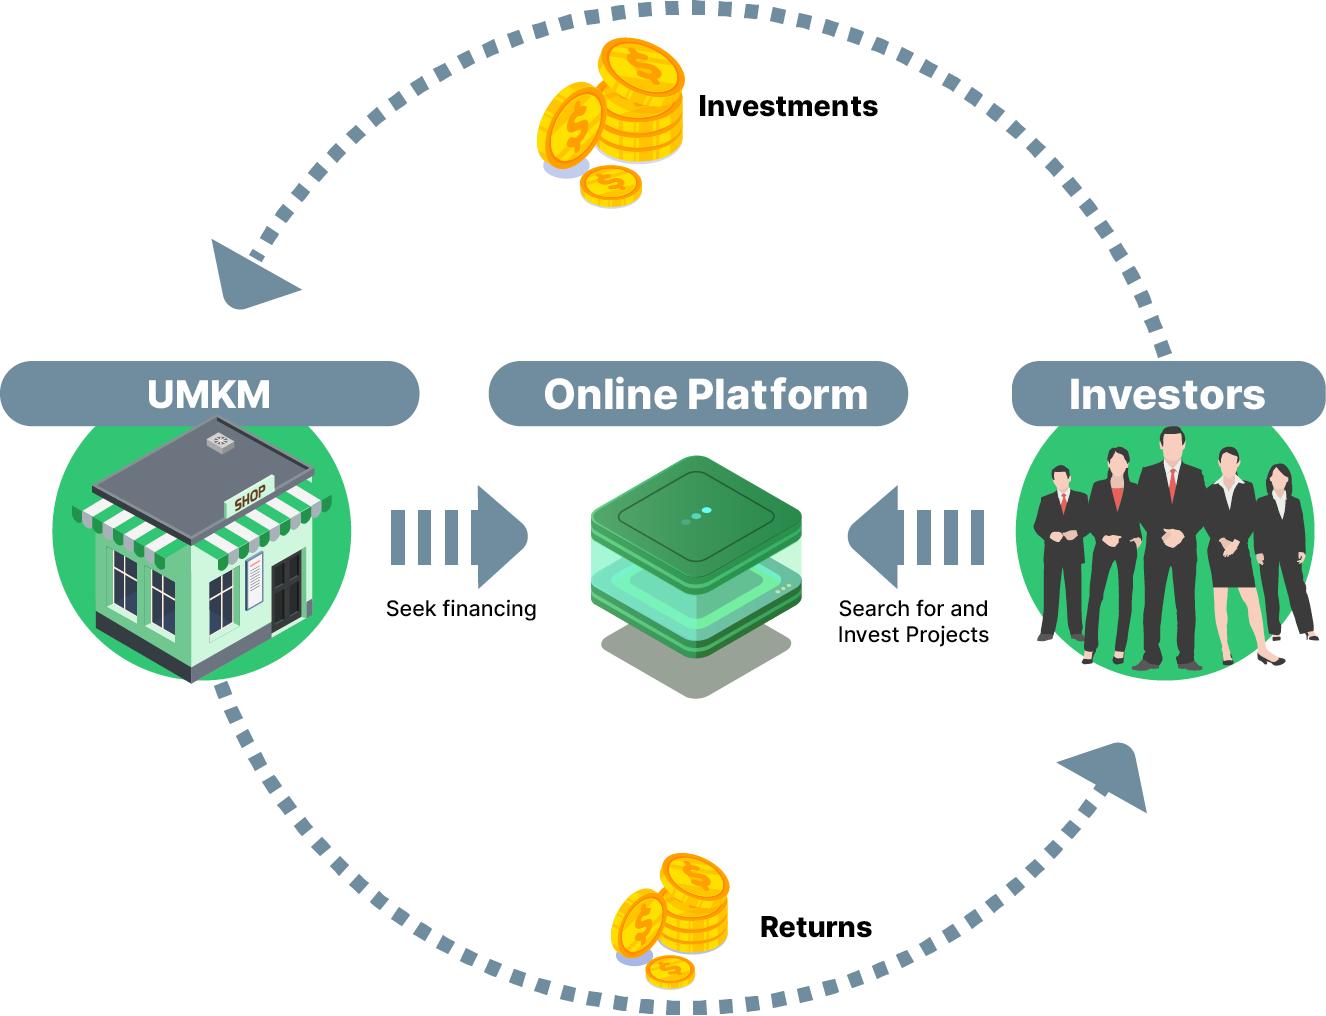 cara-kerja-sistem-investasi-dan-pendanaan-bagi-bisnis-melalui-equity-atau-security-crowdfunding-2